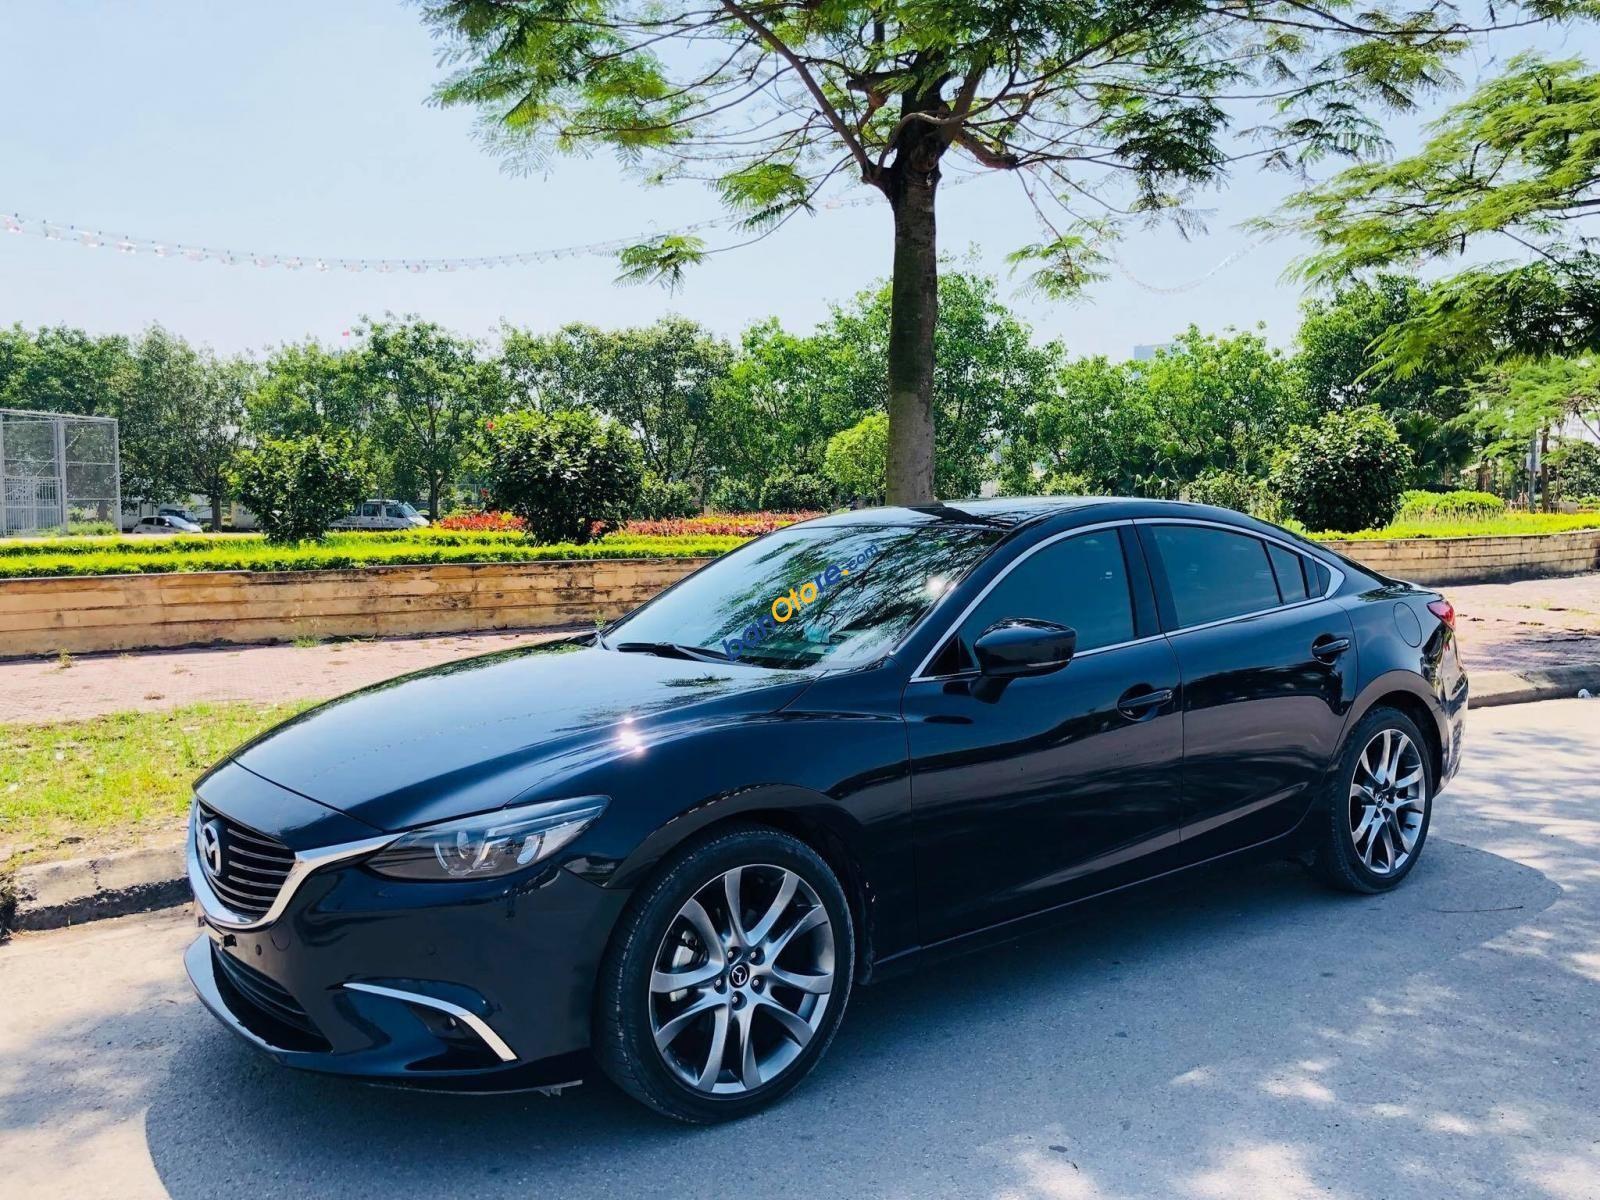 Mazda Bình Tân bán xe Mazda 6 năm 2019